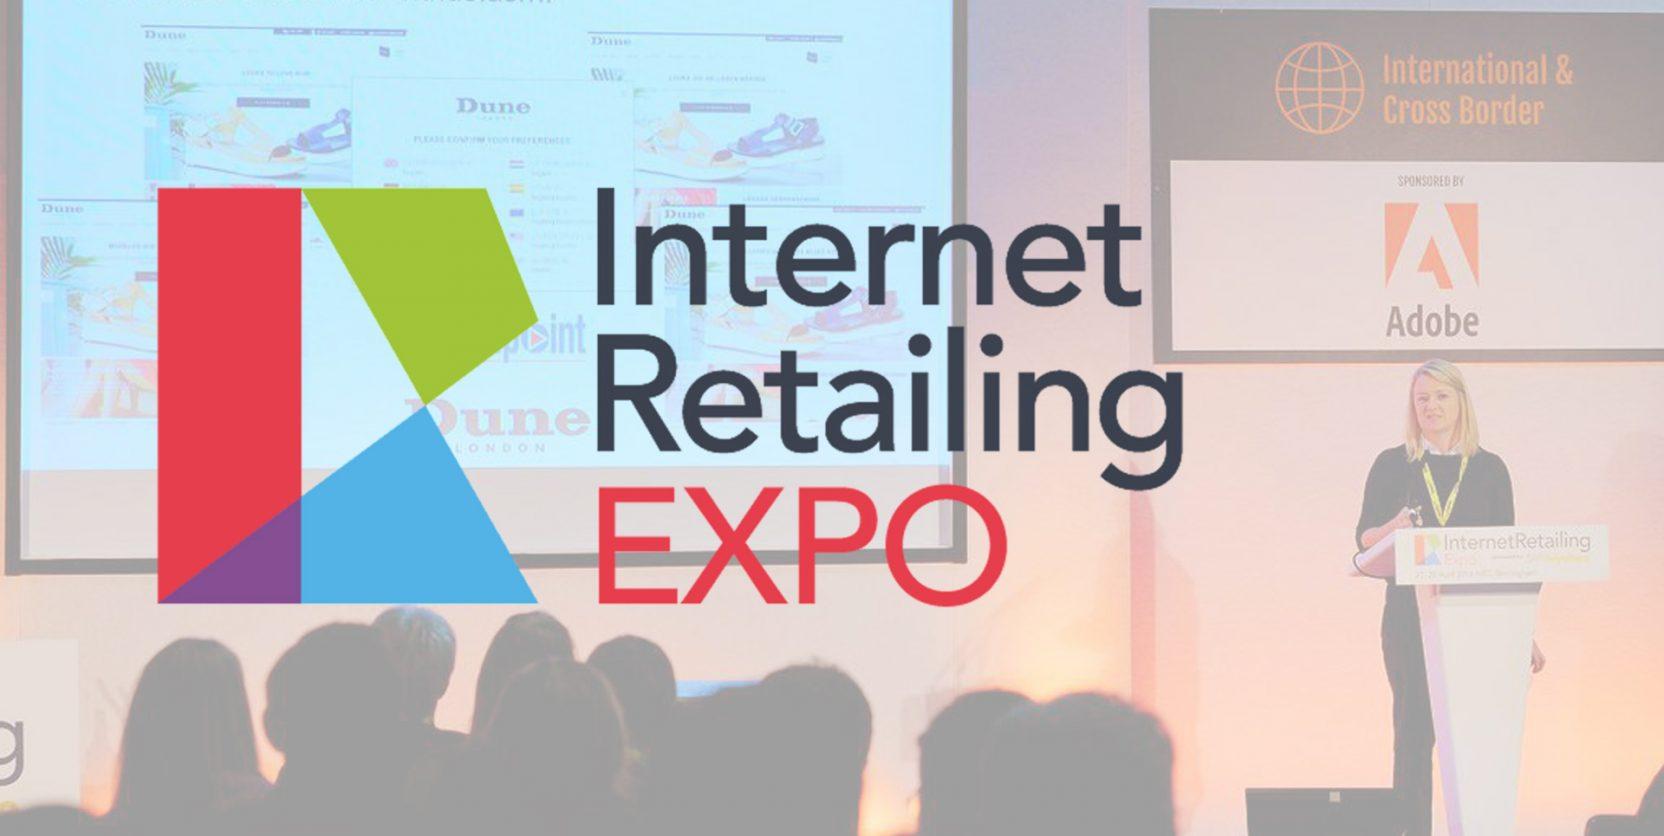 Internet Retailing Expo Live Blog